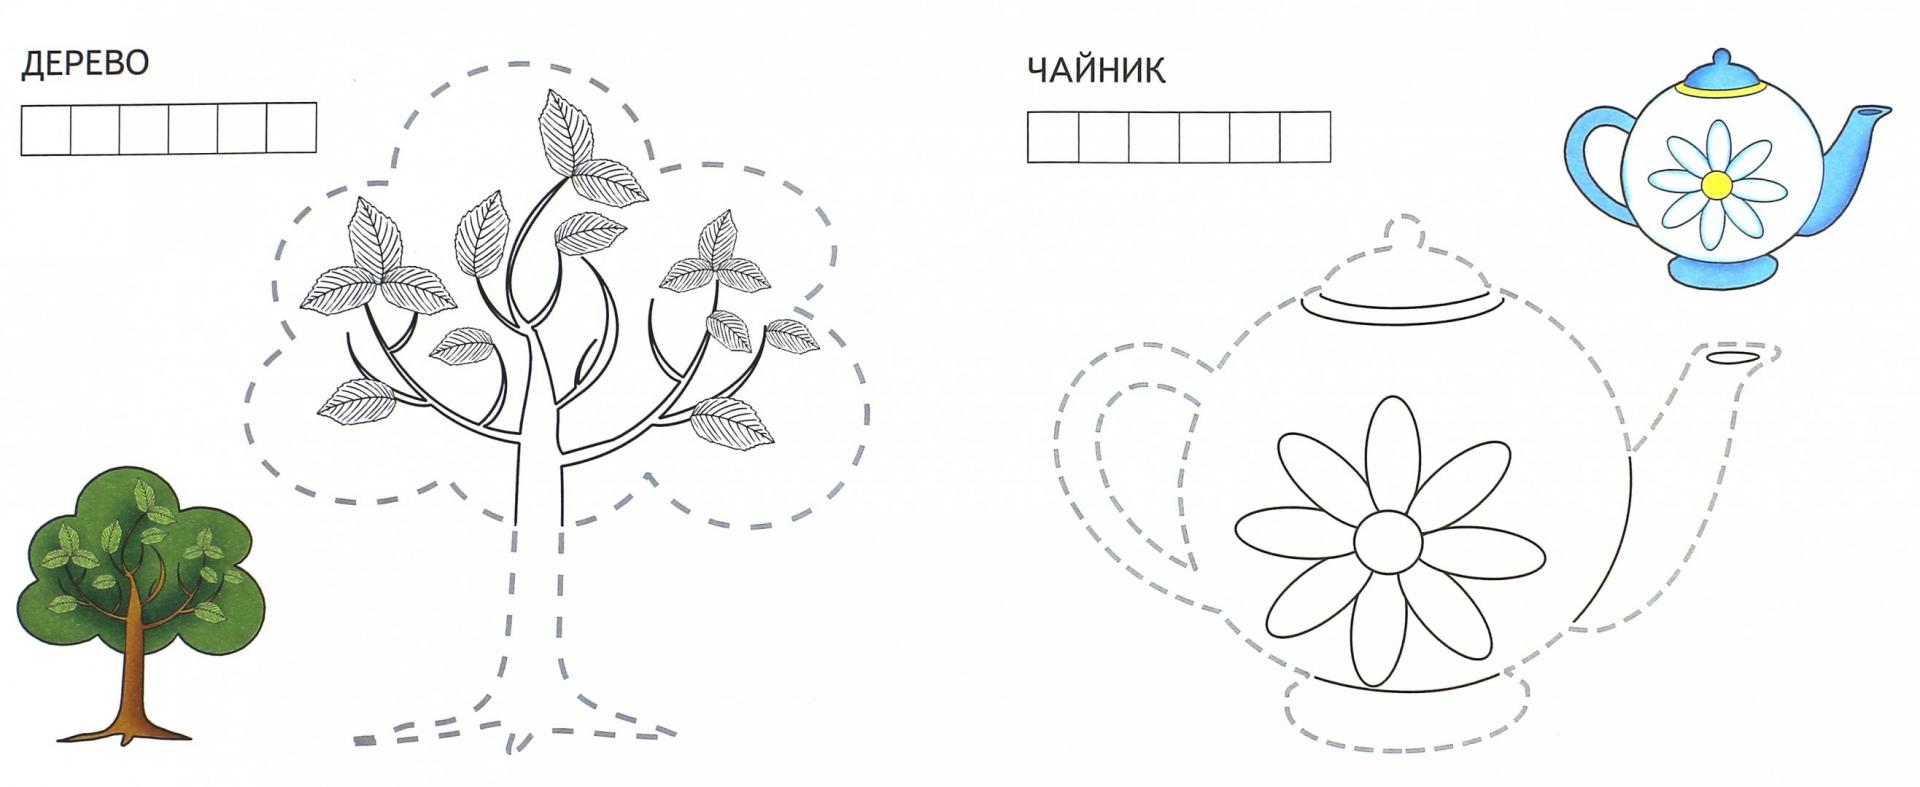 Иллюстрация 1 из 15 для Яблочко   Лабиринт - книги. Источник: Лабиринт